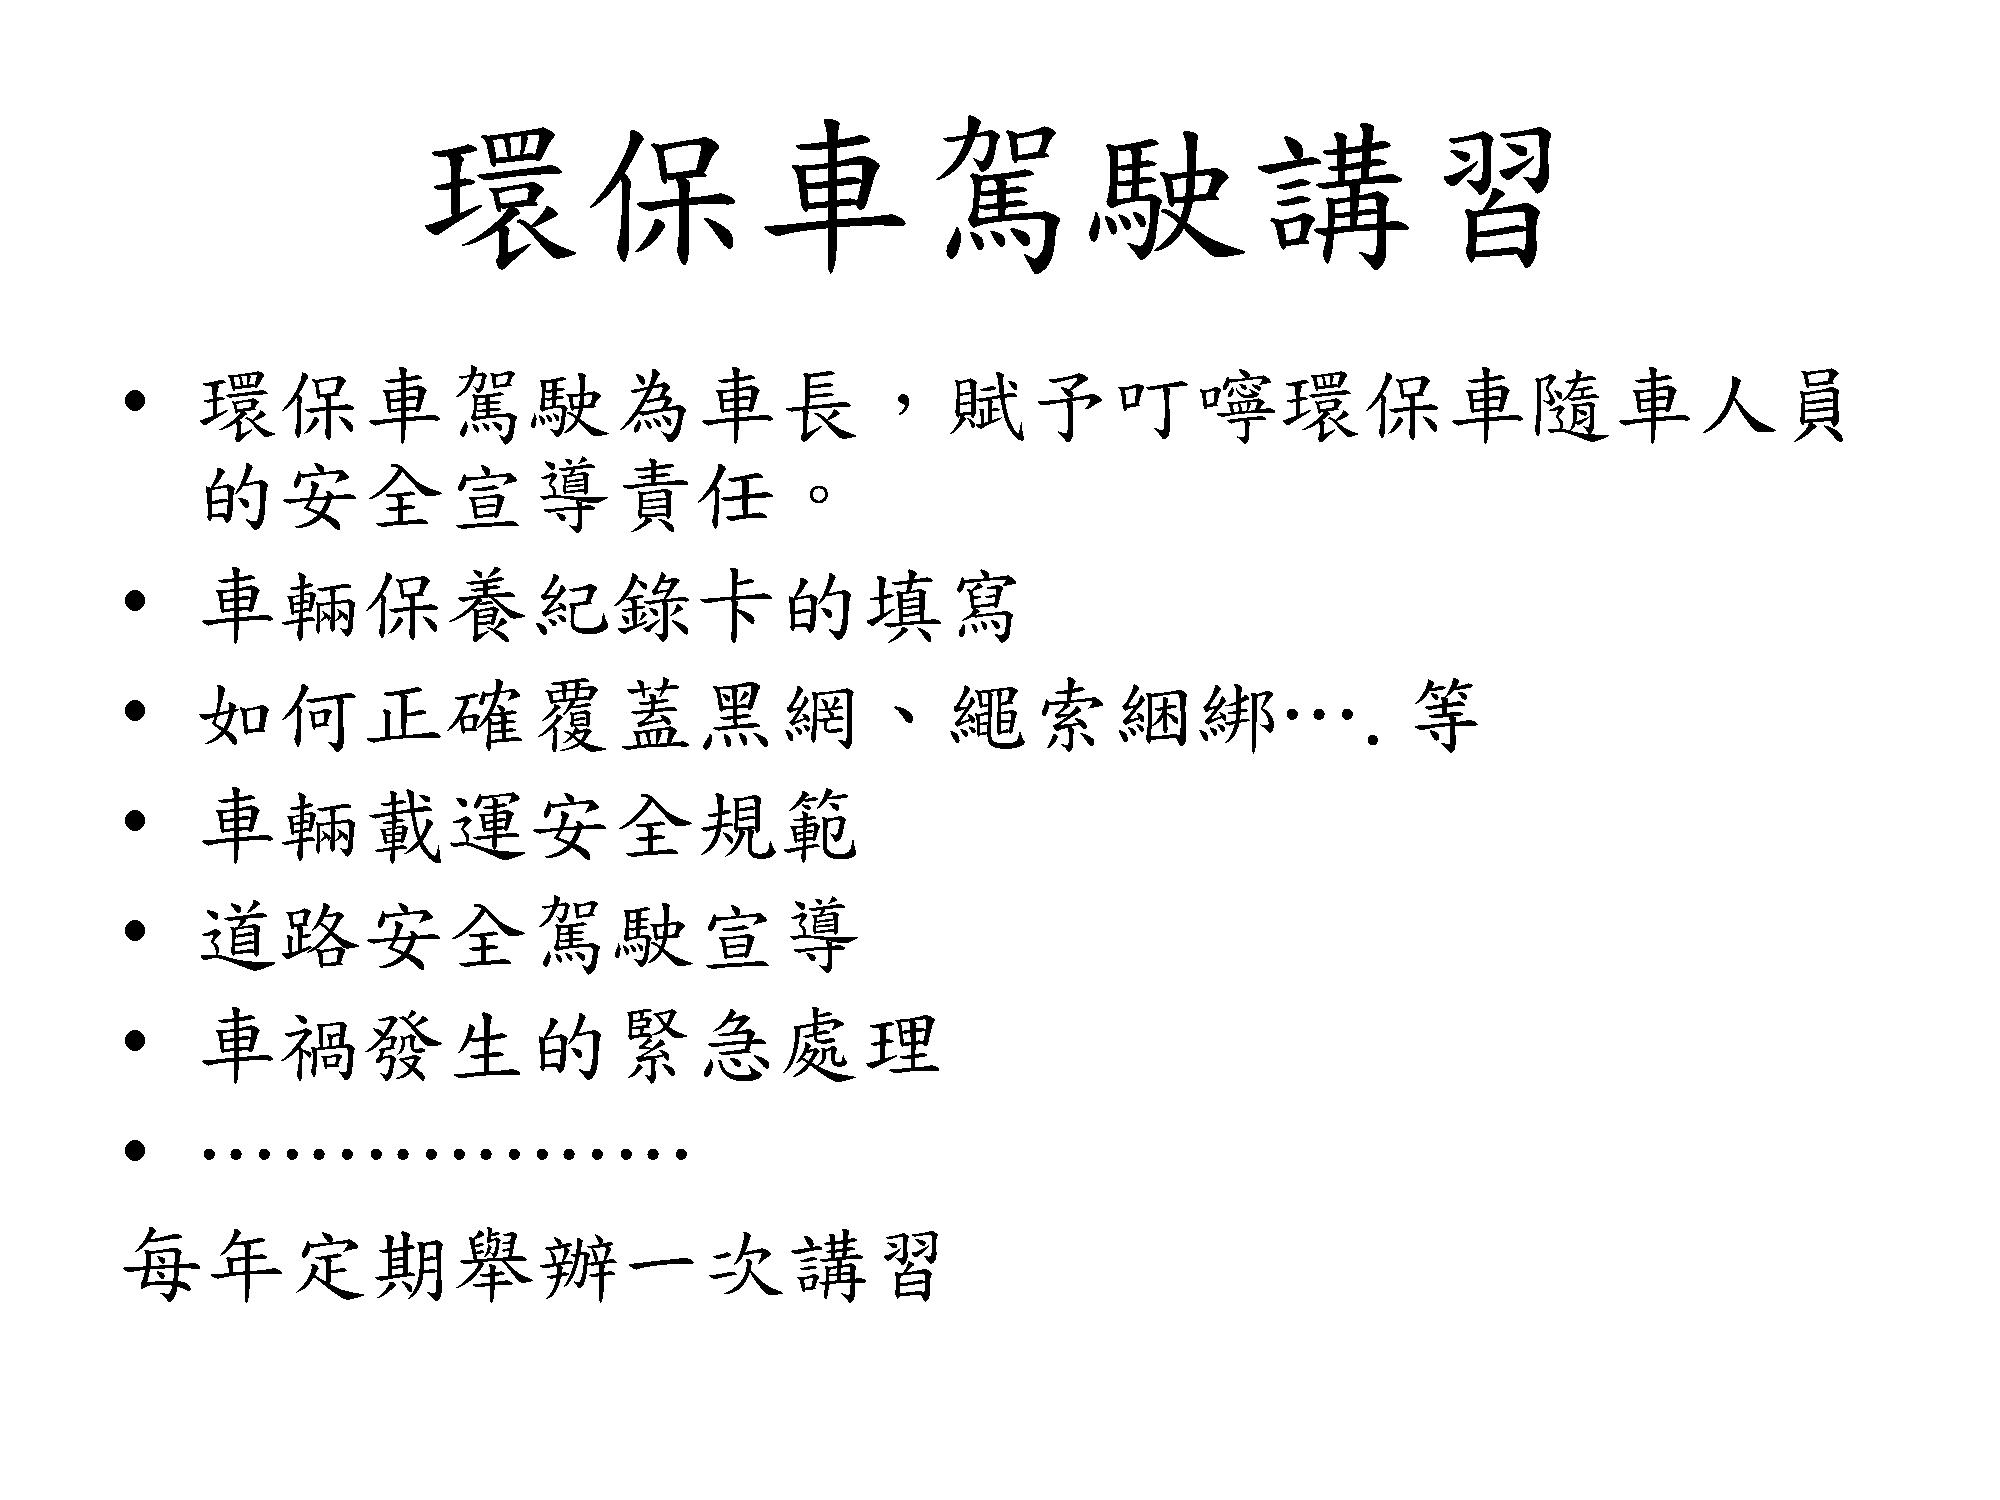 高雄附件8-安全宣導(貼紙、標語)(附件四)_頁面_12.png